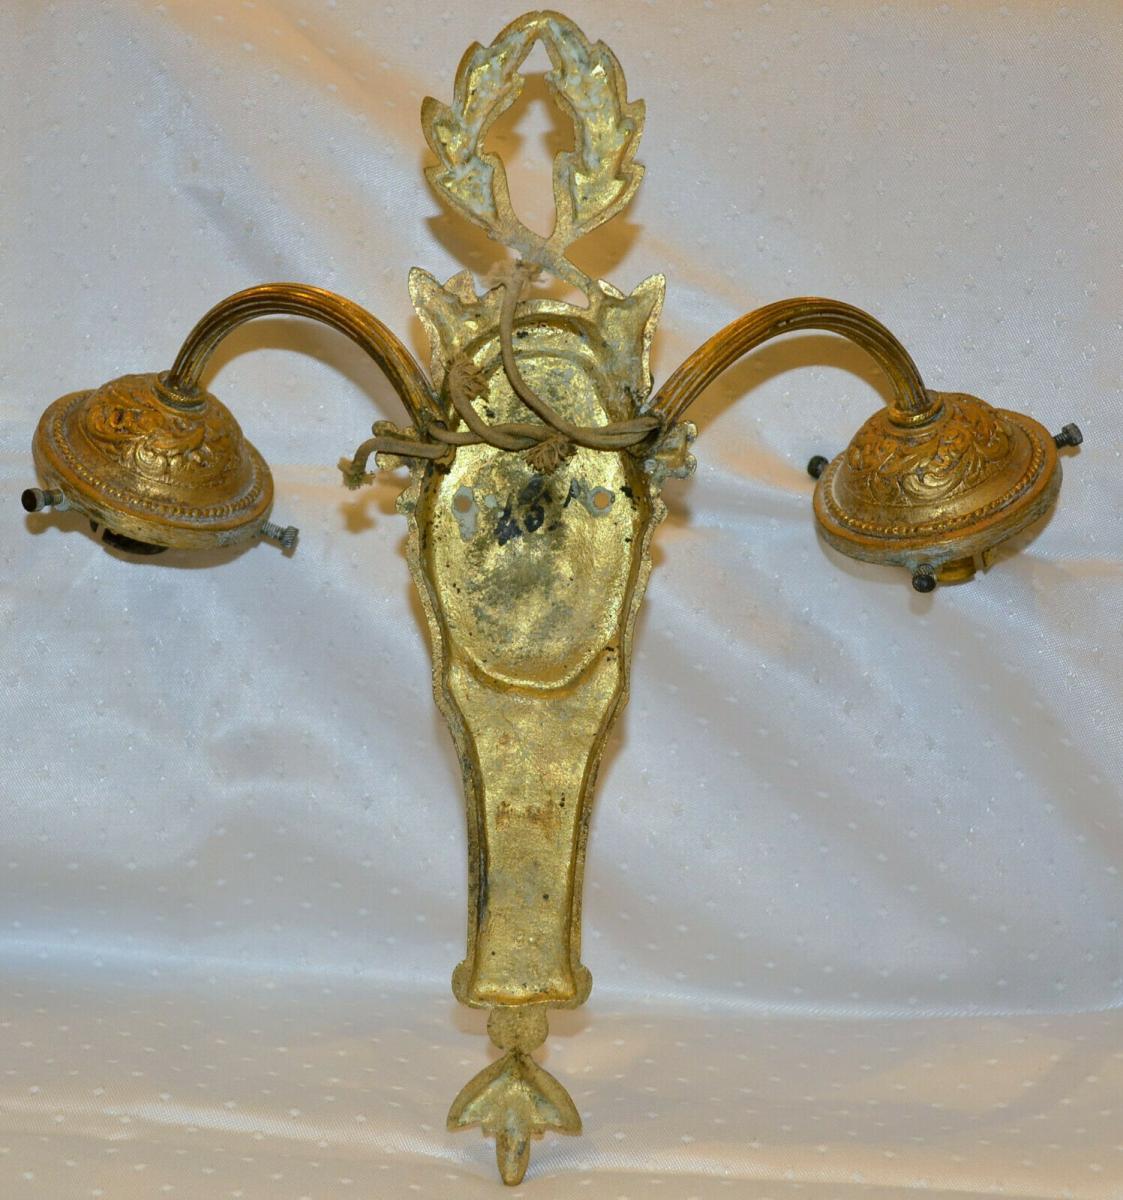 Wandlampe,zweiarmig,vergoldet,um 1900,wohl Großbritannien 2